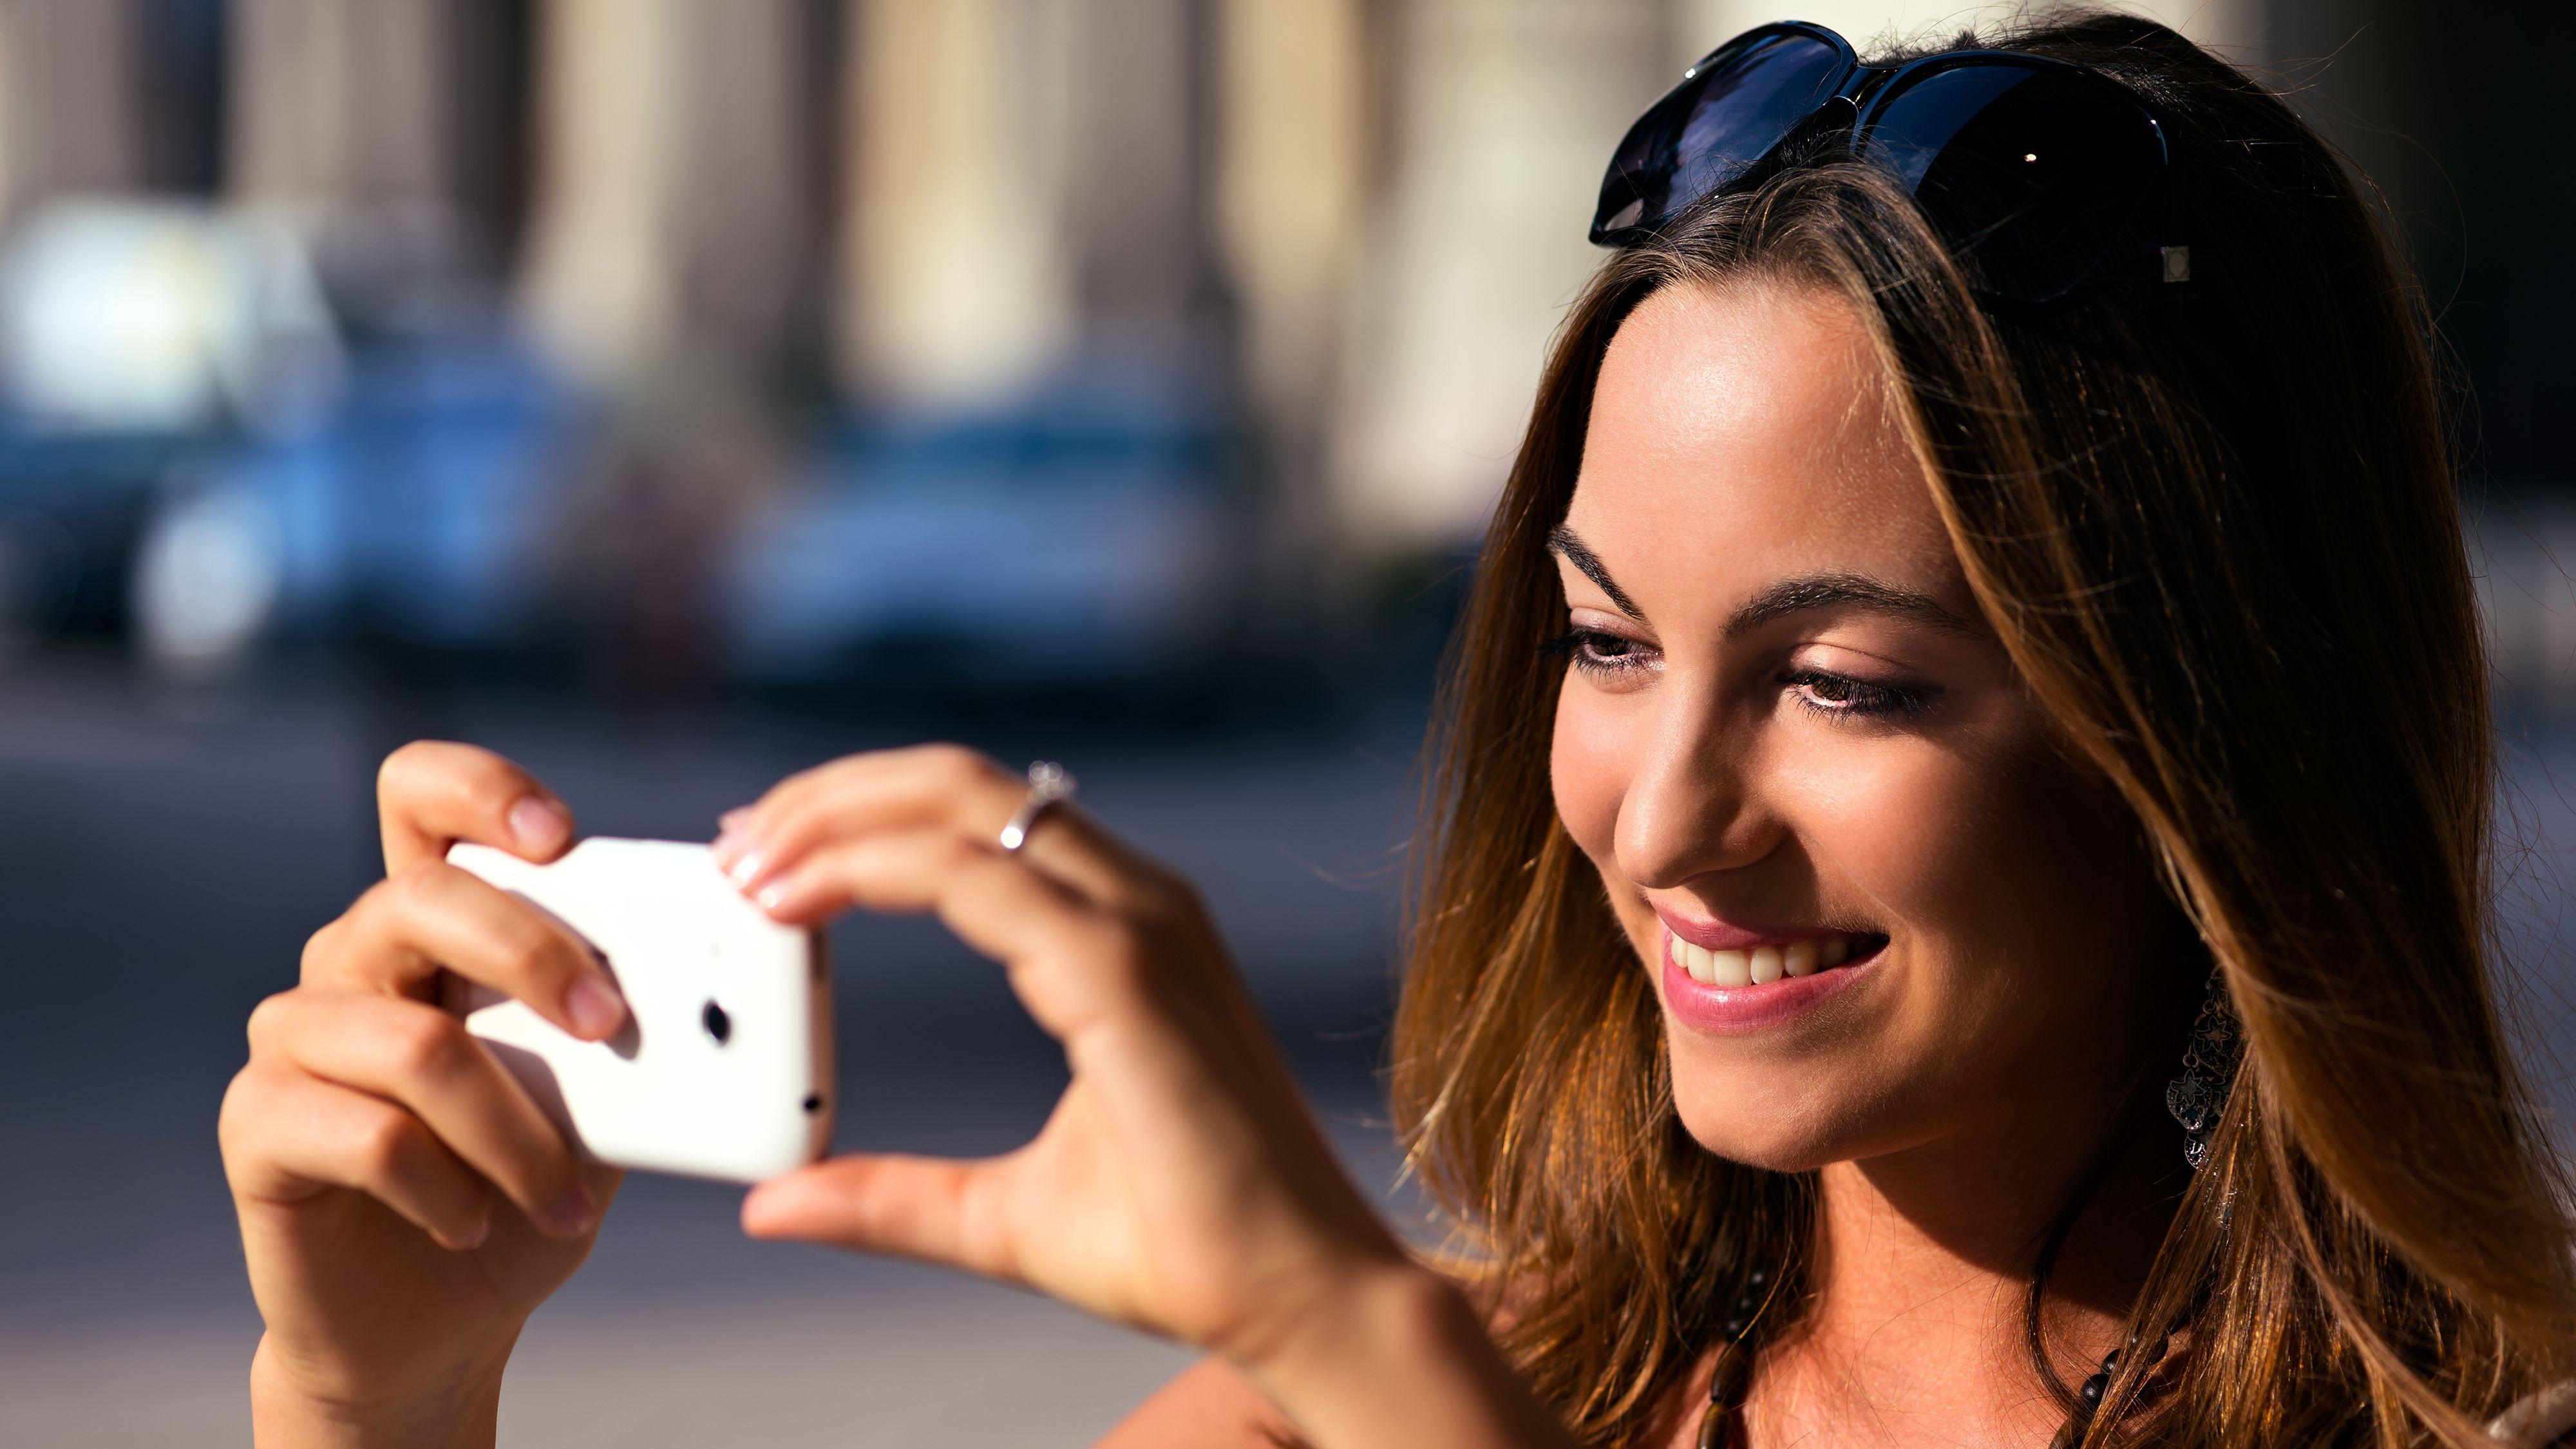 Slik tar du bedre bilder med mobilen